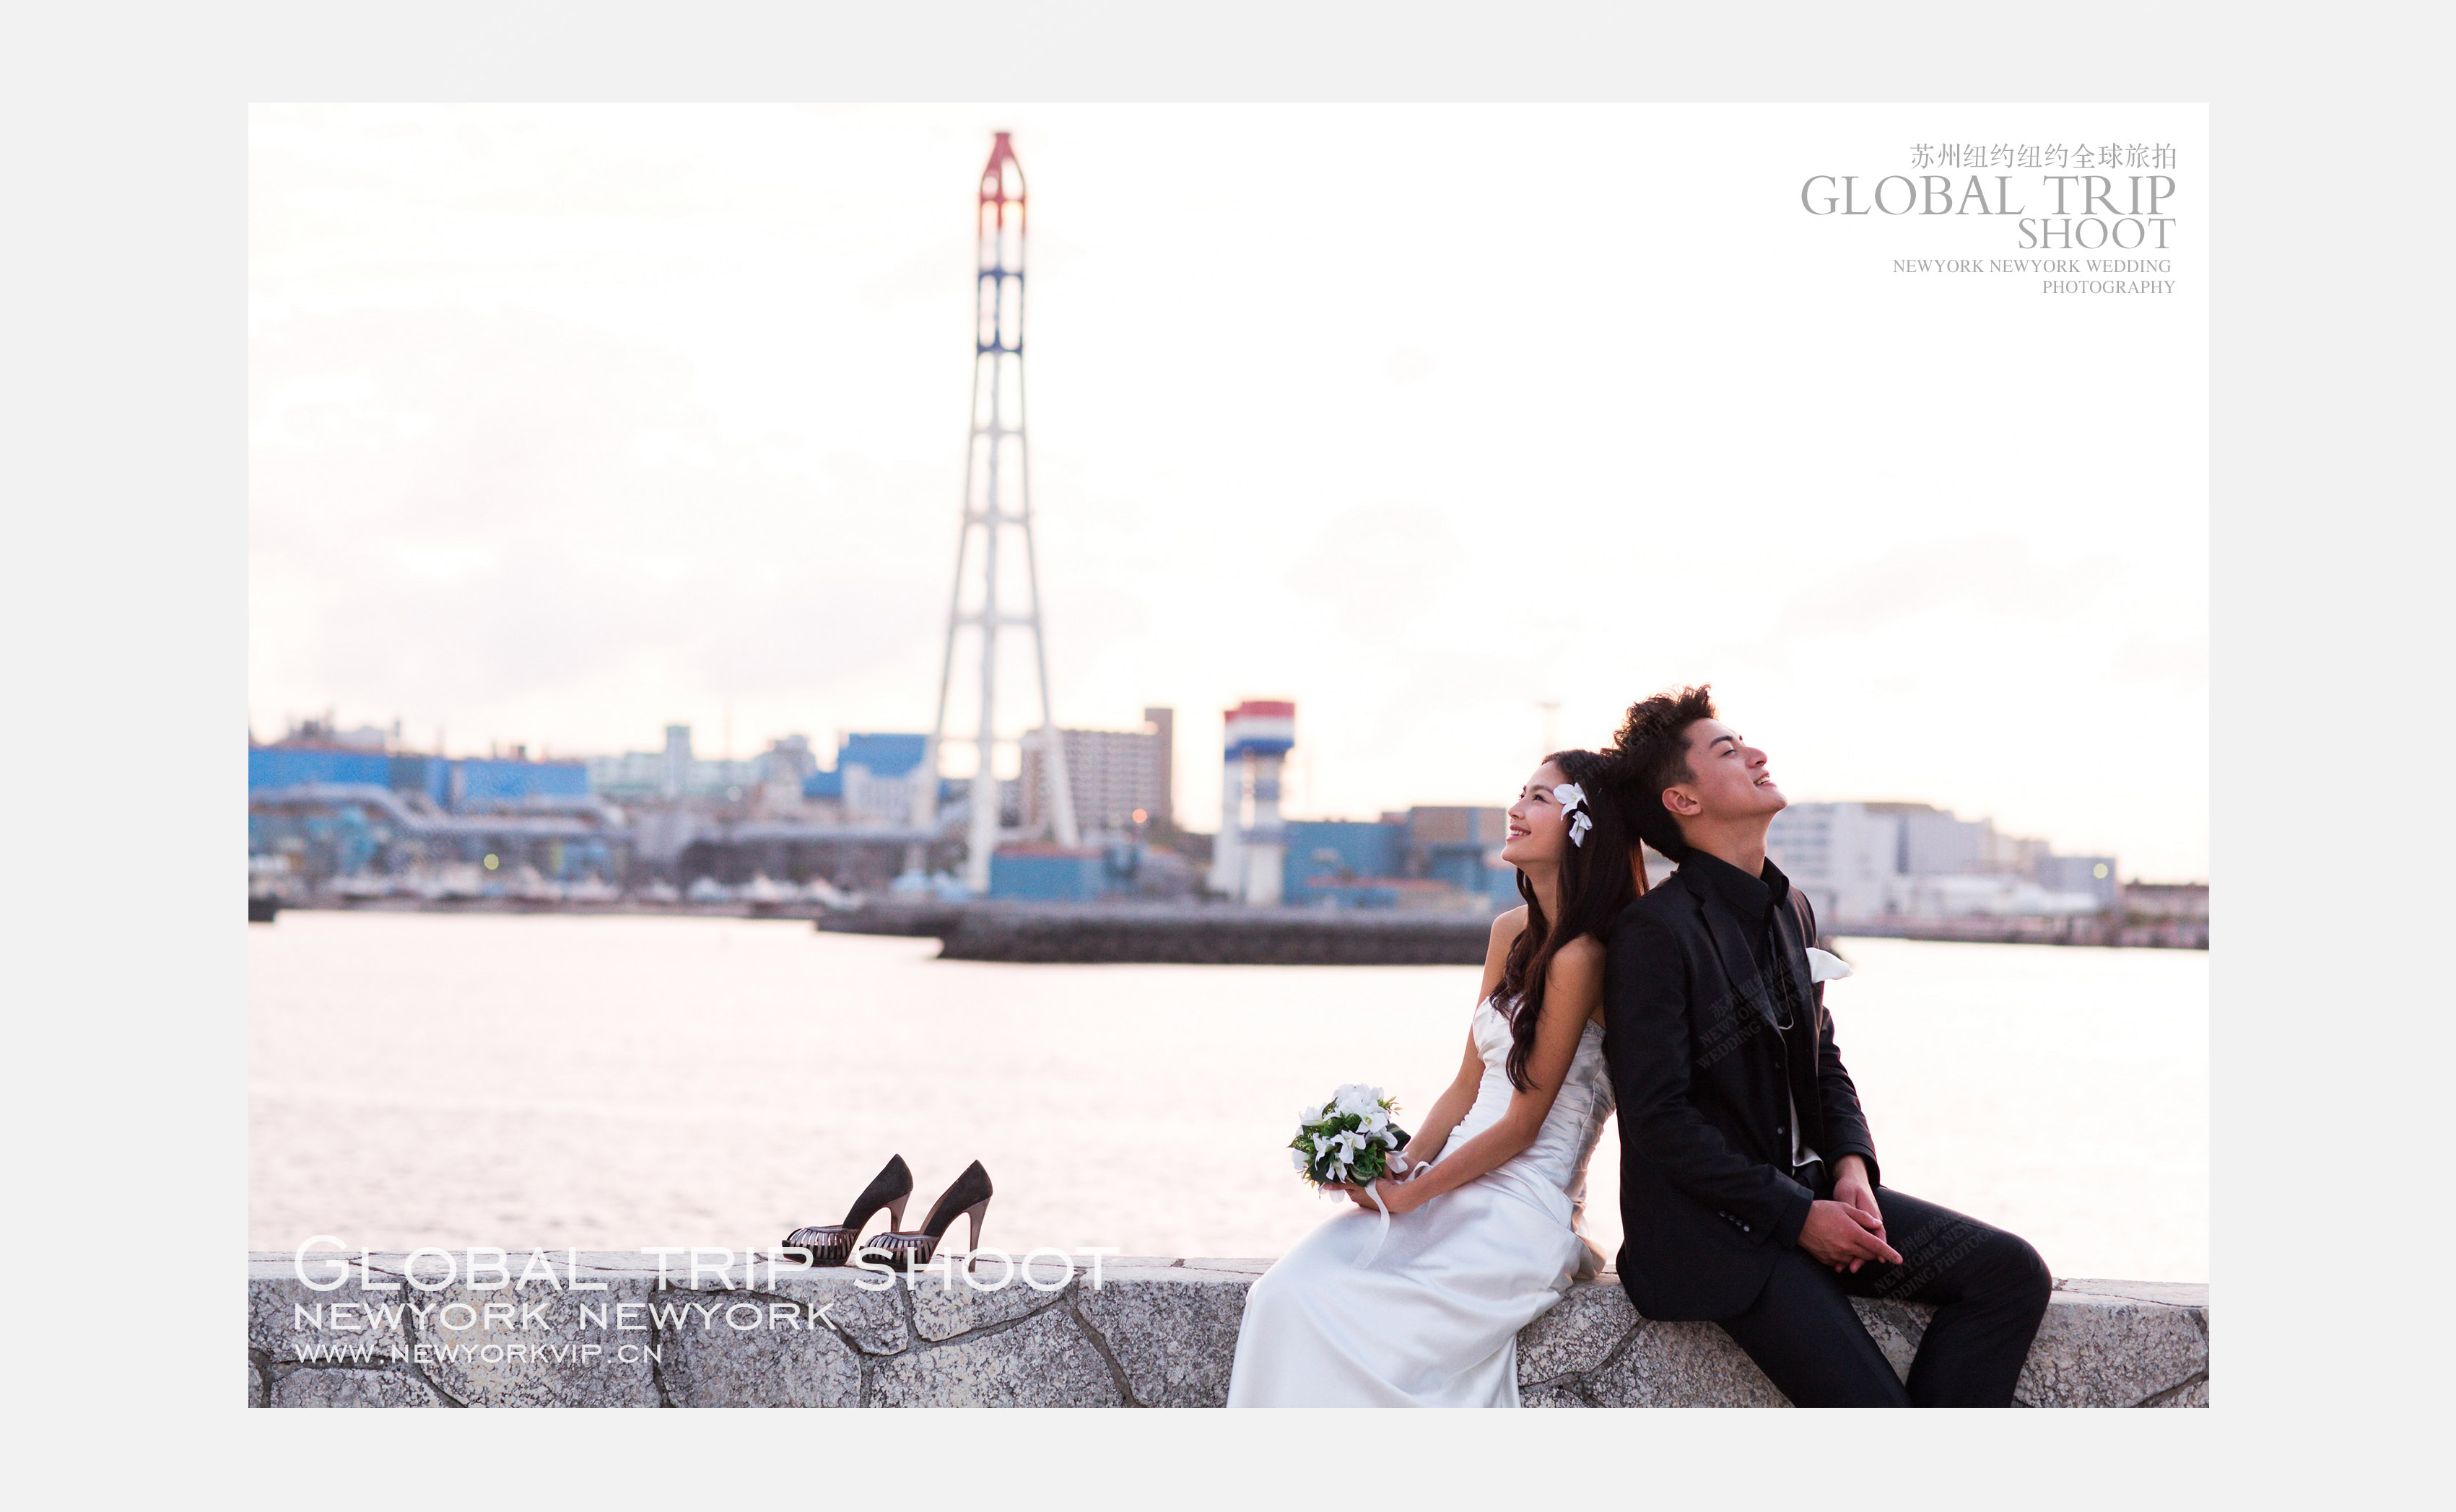 全球旅拍—冲绳站婚纱摄影照